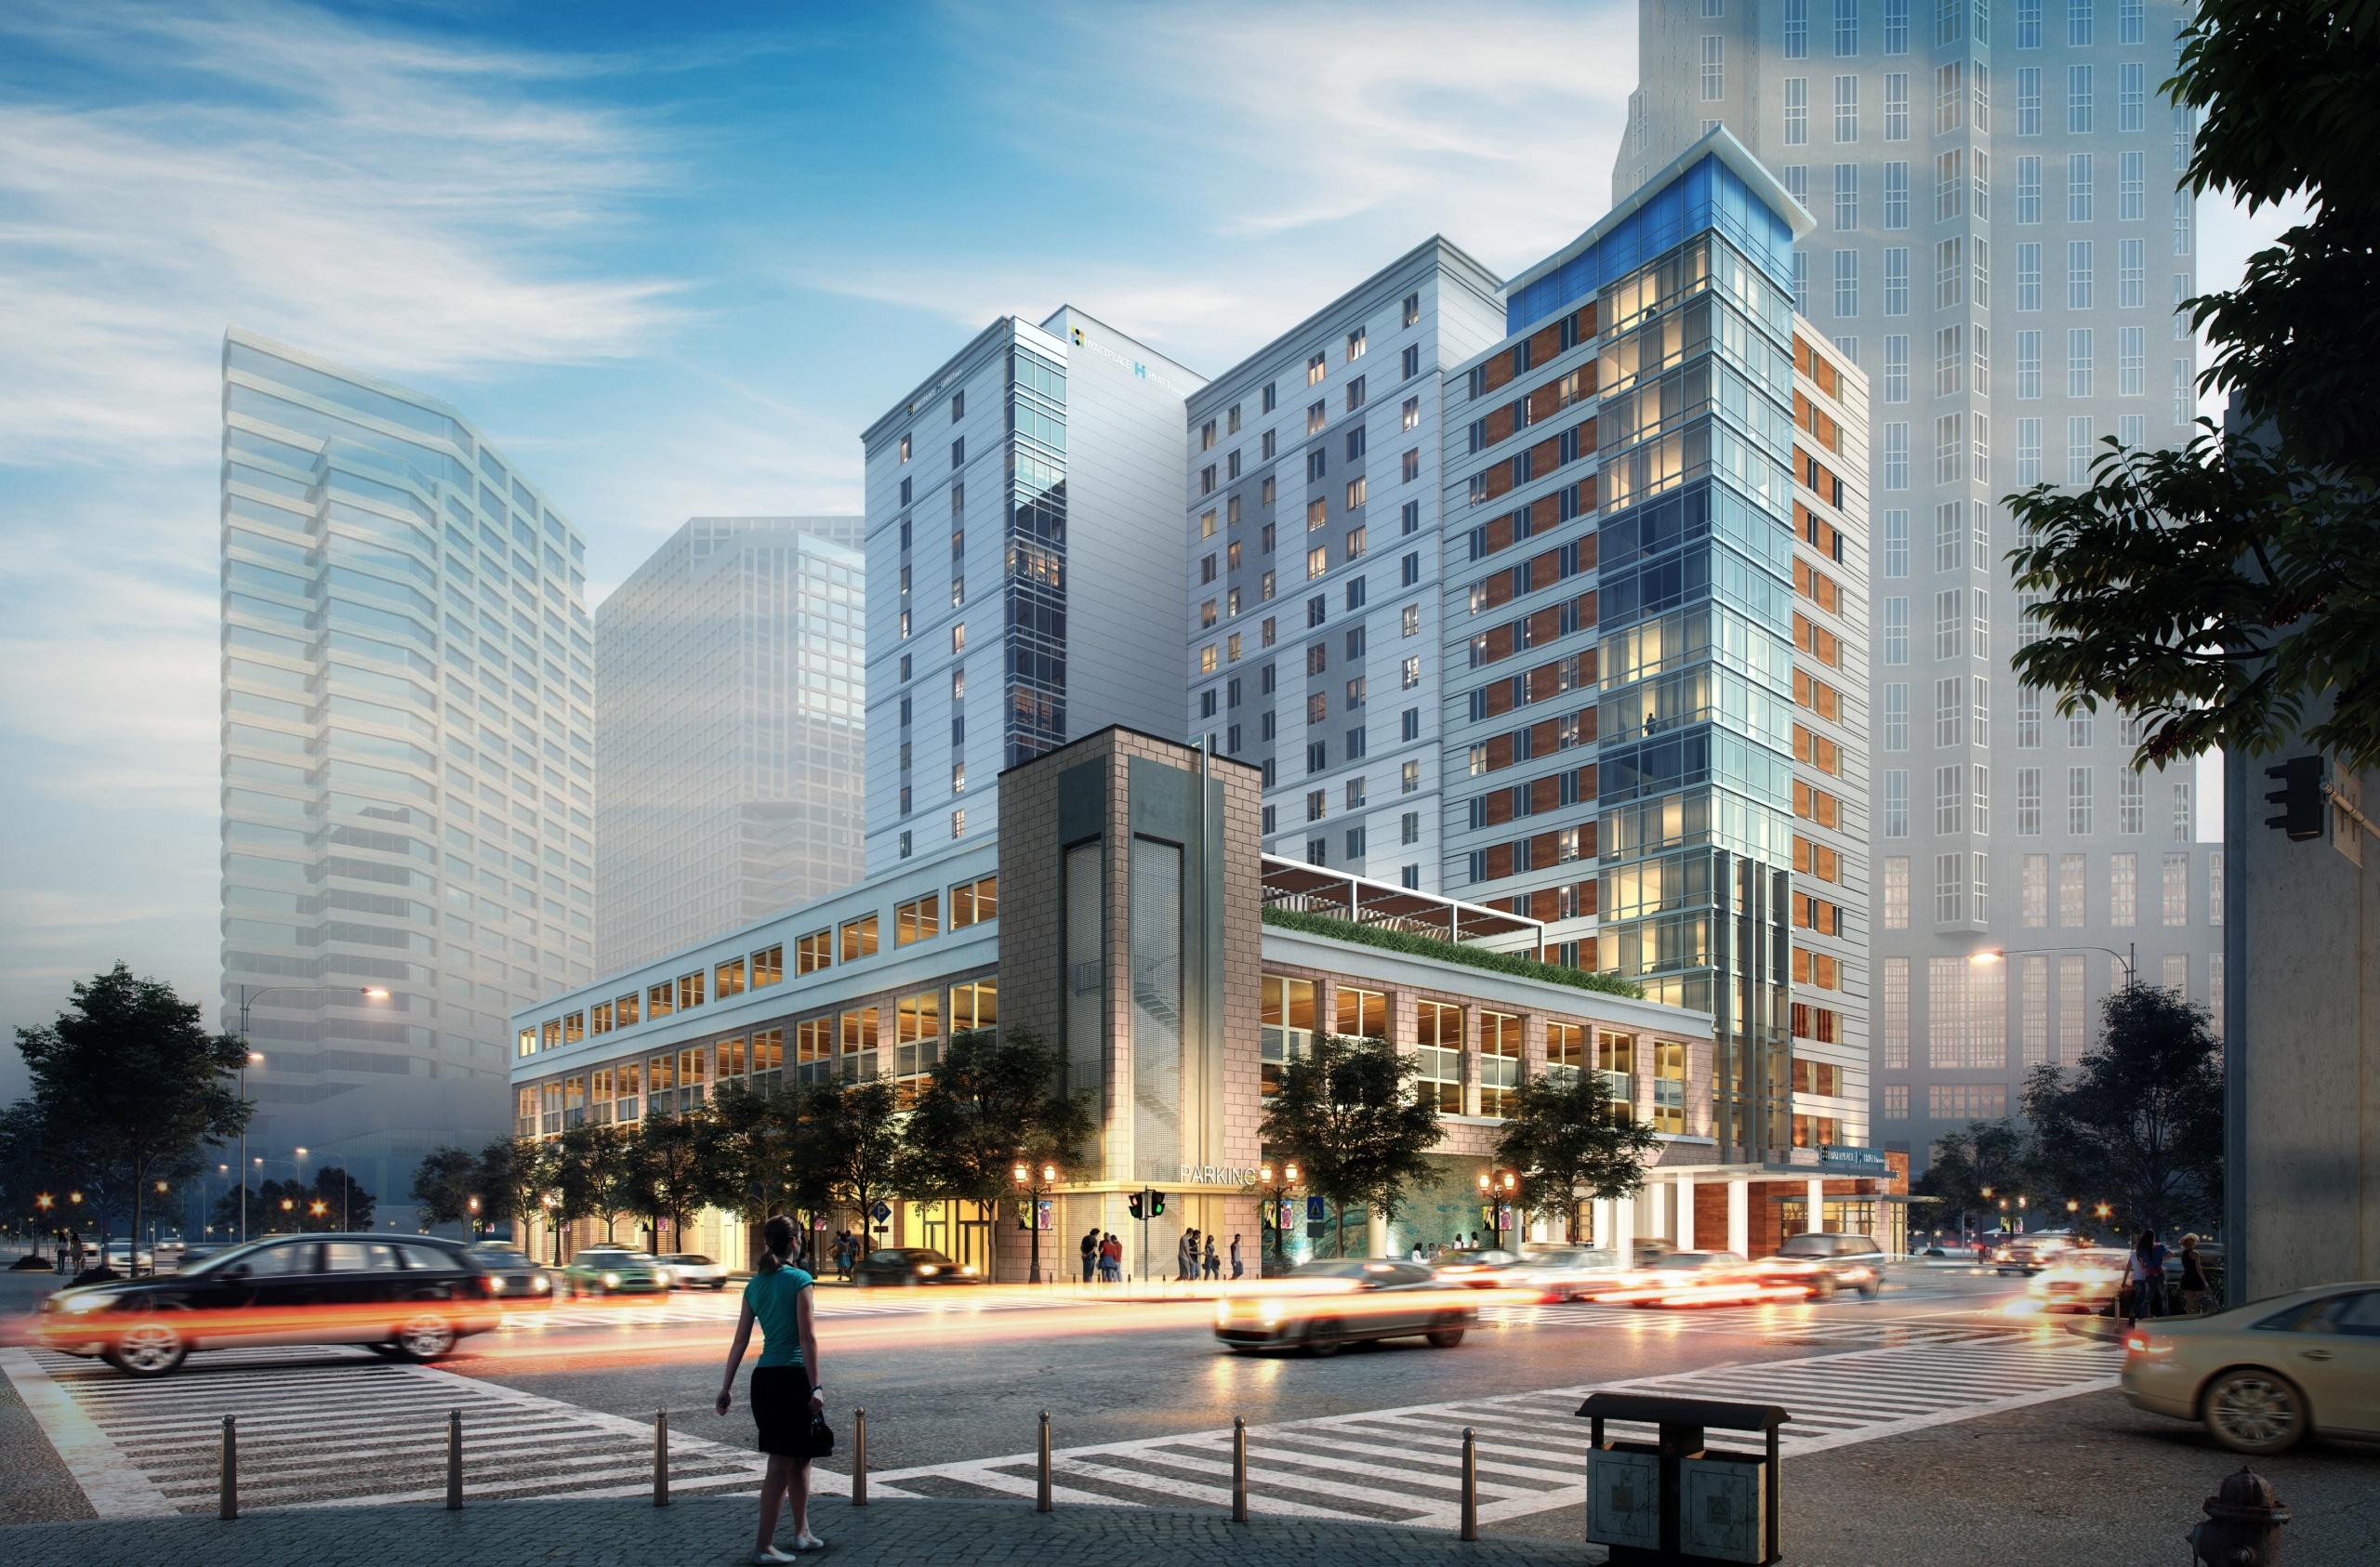 Hyatt Place, Hyatt House now open in Downtown Tampa